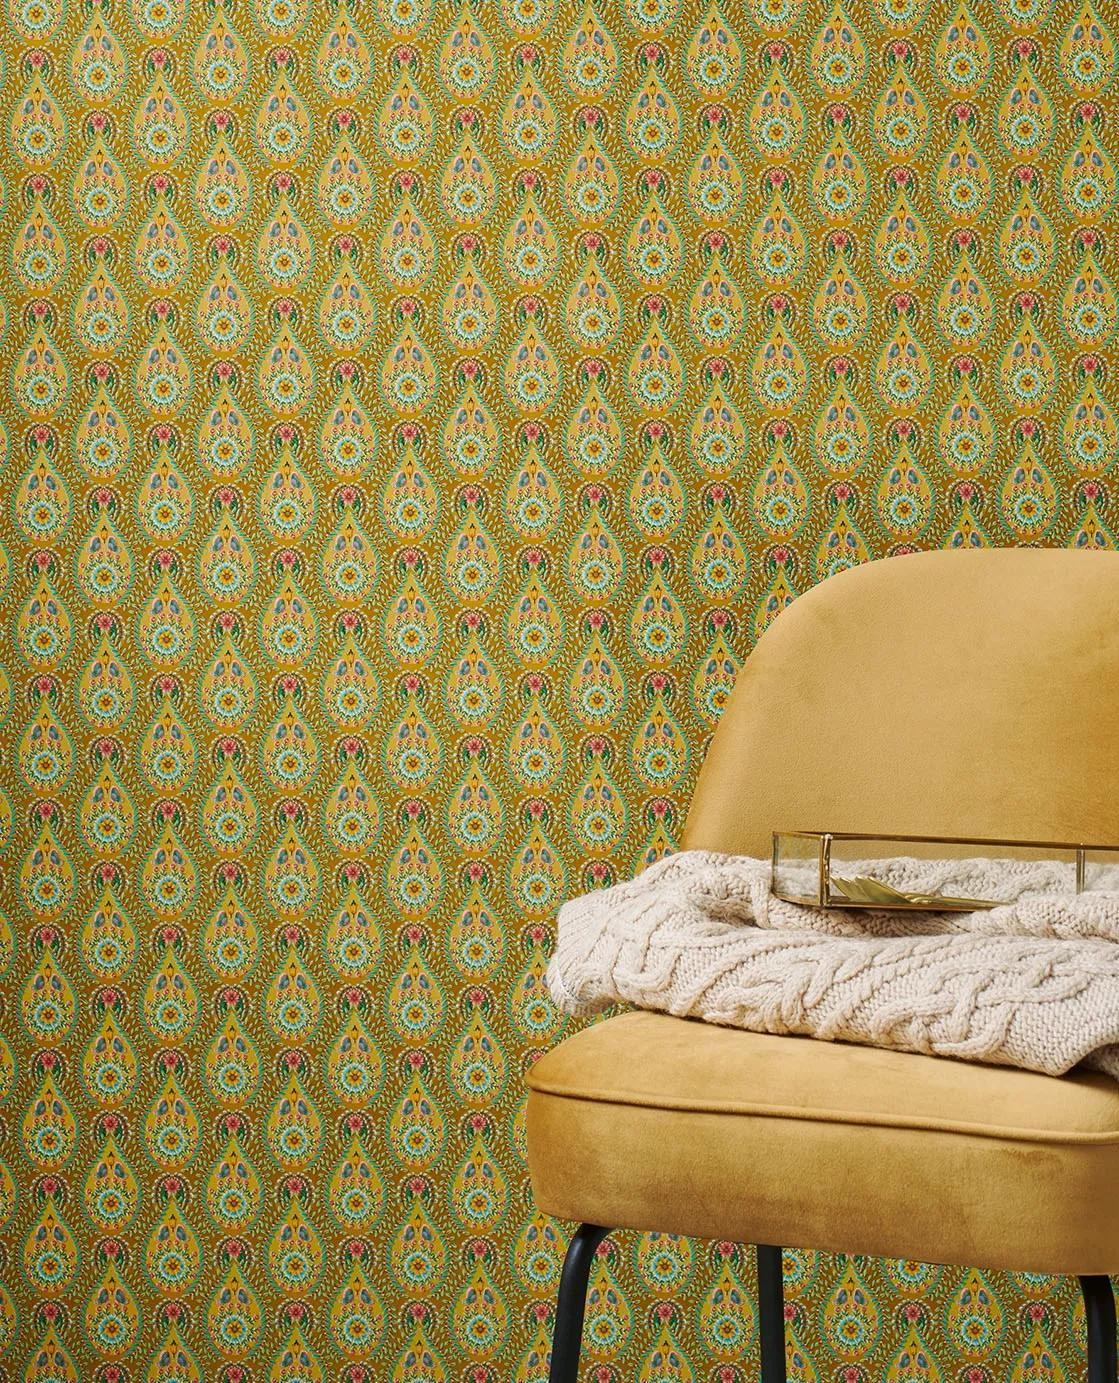 Sárga apró vintage hangulatú virágmintás eijffinger luxus tapéta